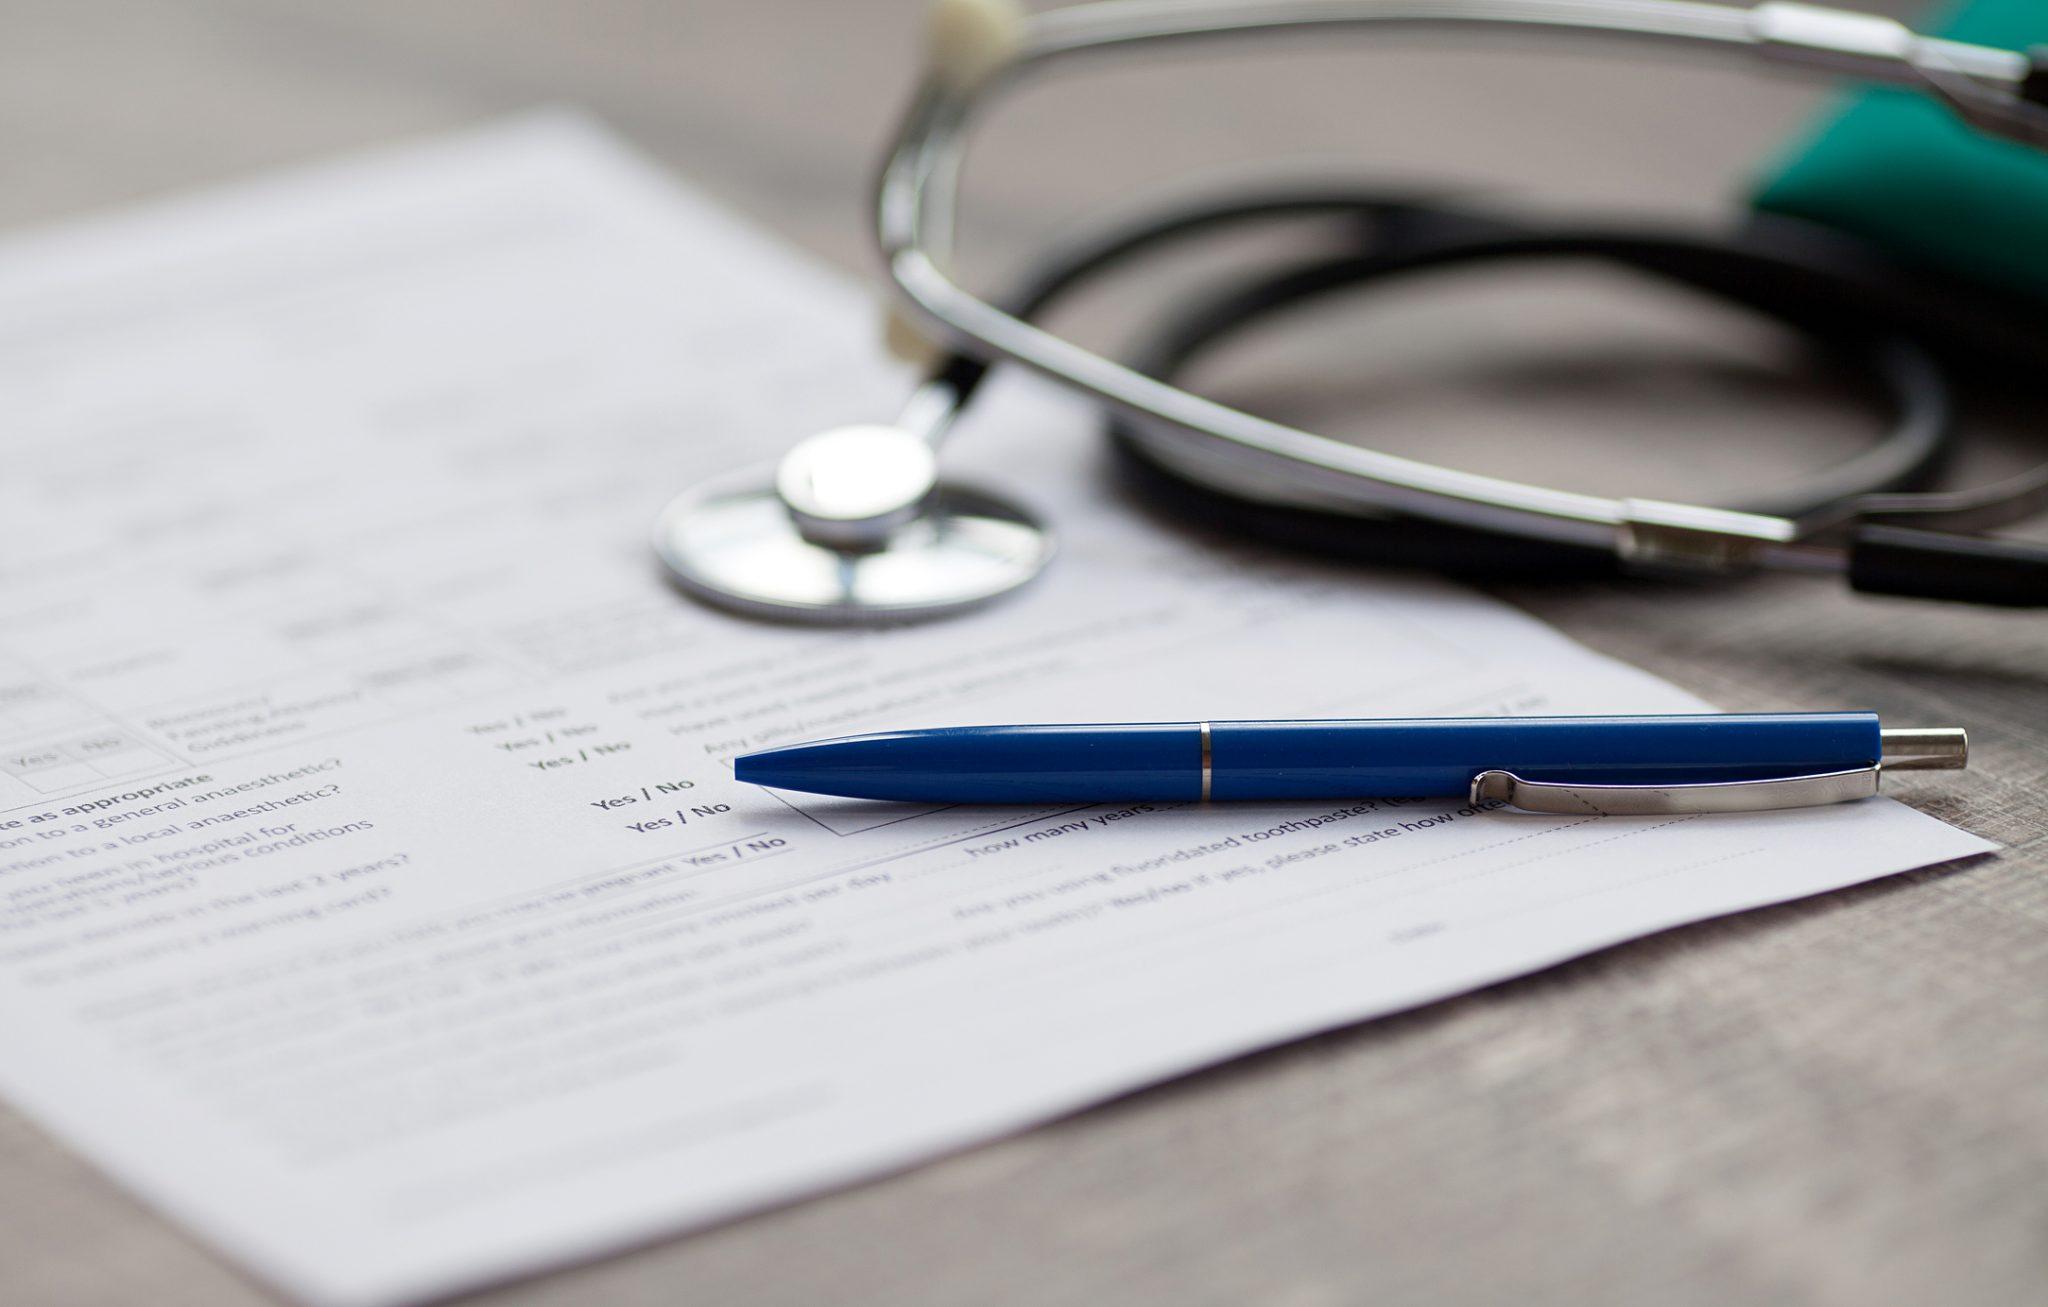 Le renoncement aux soins concerne davantage les femmes et les personnes rencontrant déjà des difficultés avant la crise sanitaire, selon une enquête de l'Assurance Maladie et de l'Odenore.